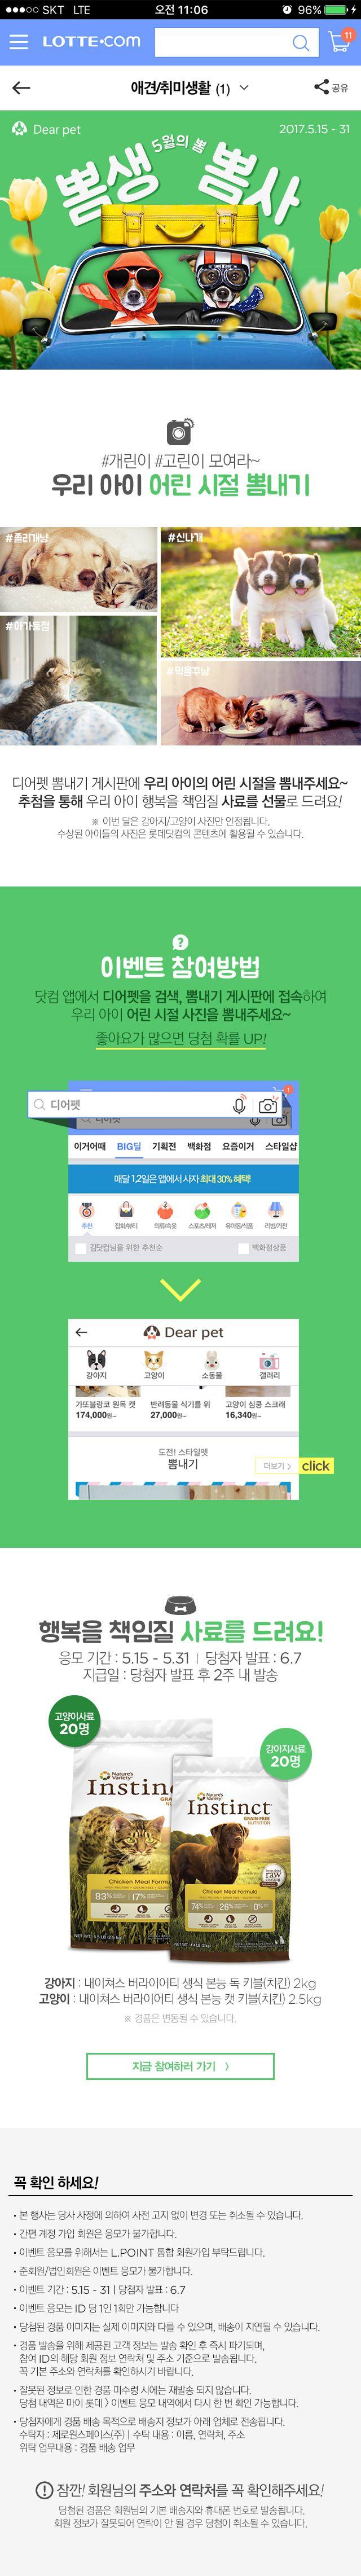 5월 뽐생뽐사(MO)_170515_Designed by 김수언